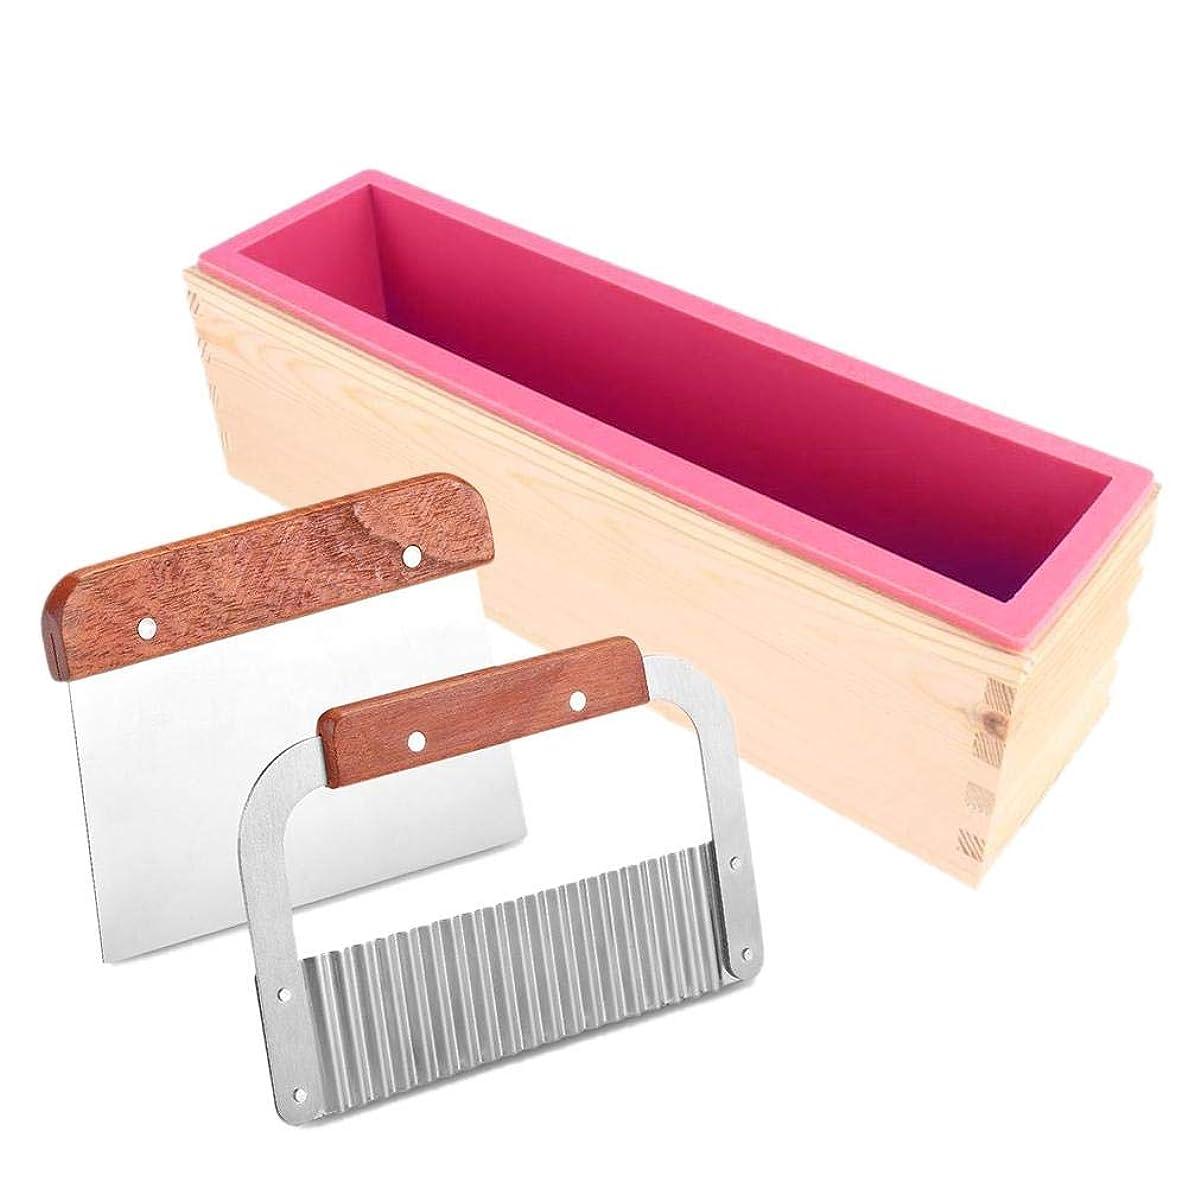 サンダース教育する紀元前Ragemのシリコーンの石鹸型 - 自家製の石鹸の作成のための2Pcsカッターの皮むき器が付いている長方形の木箱の石鹸の作成型